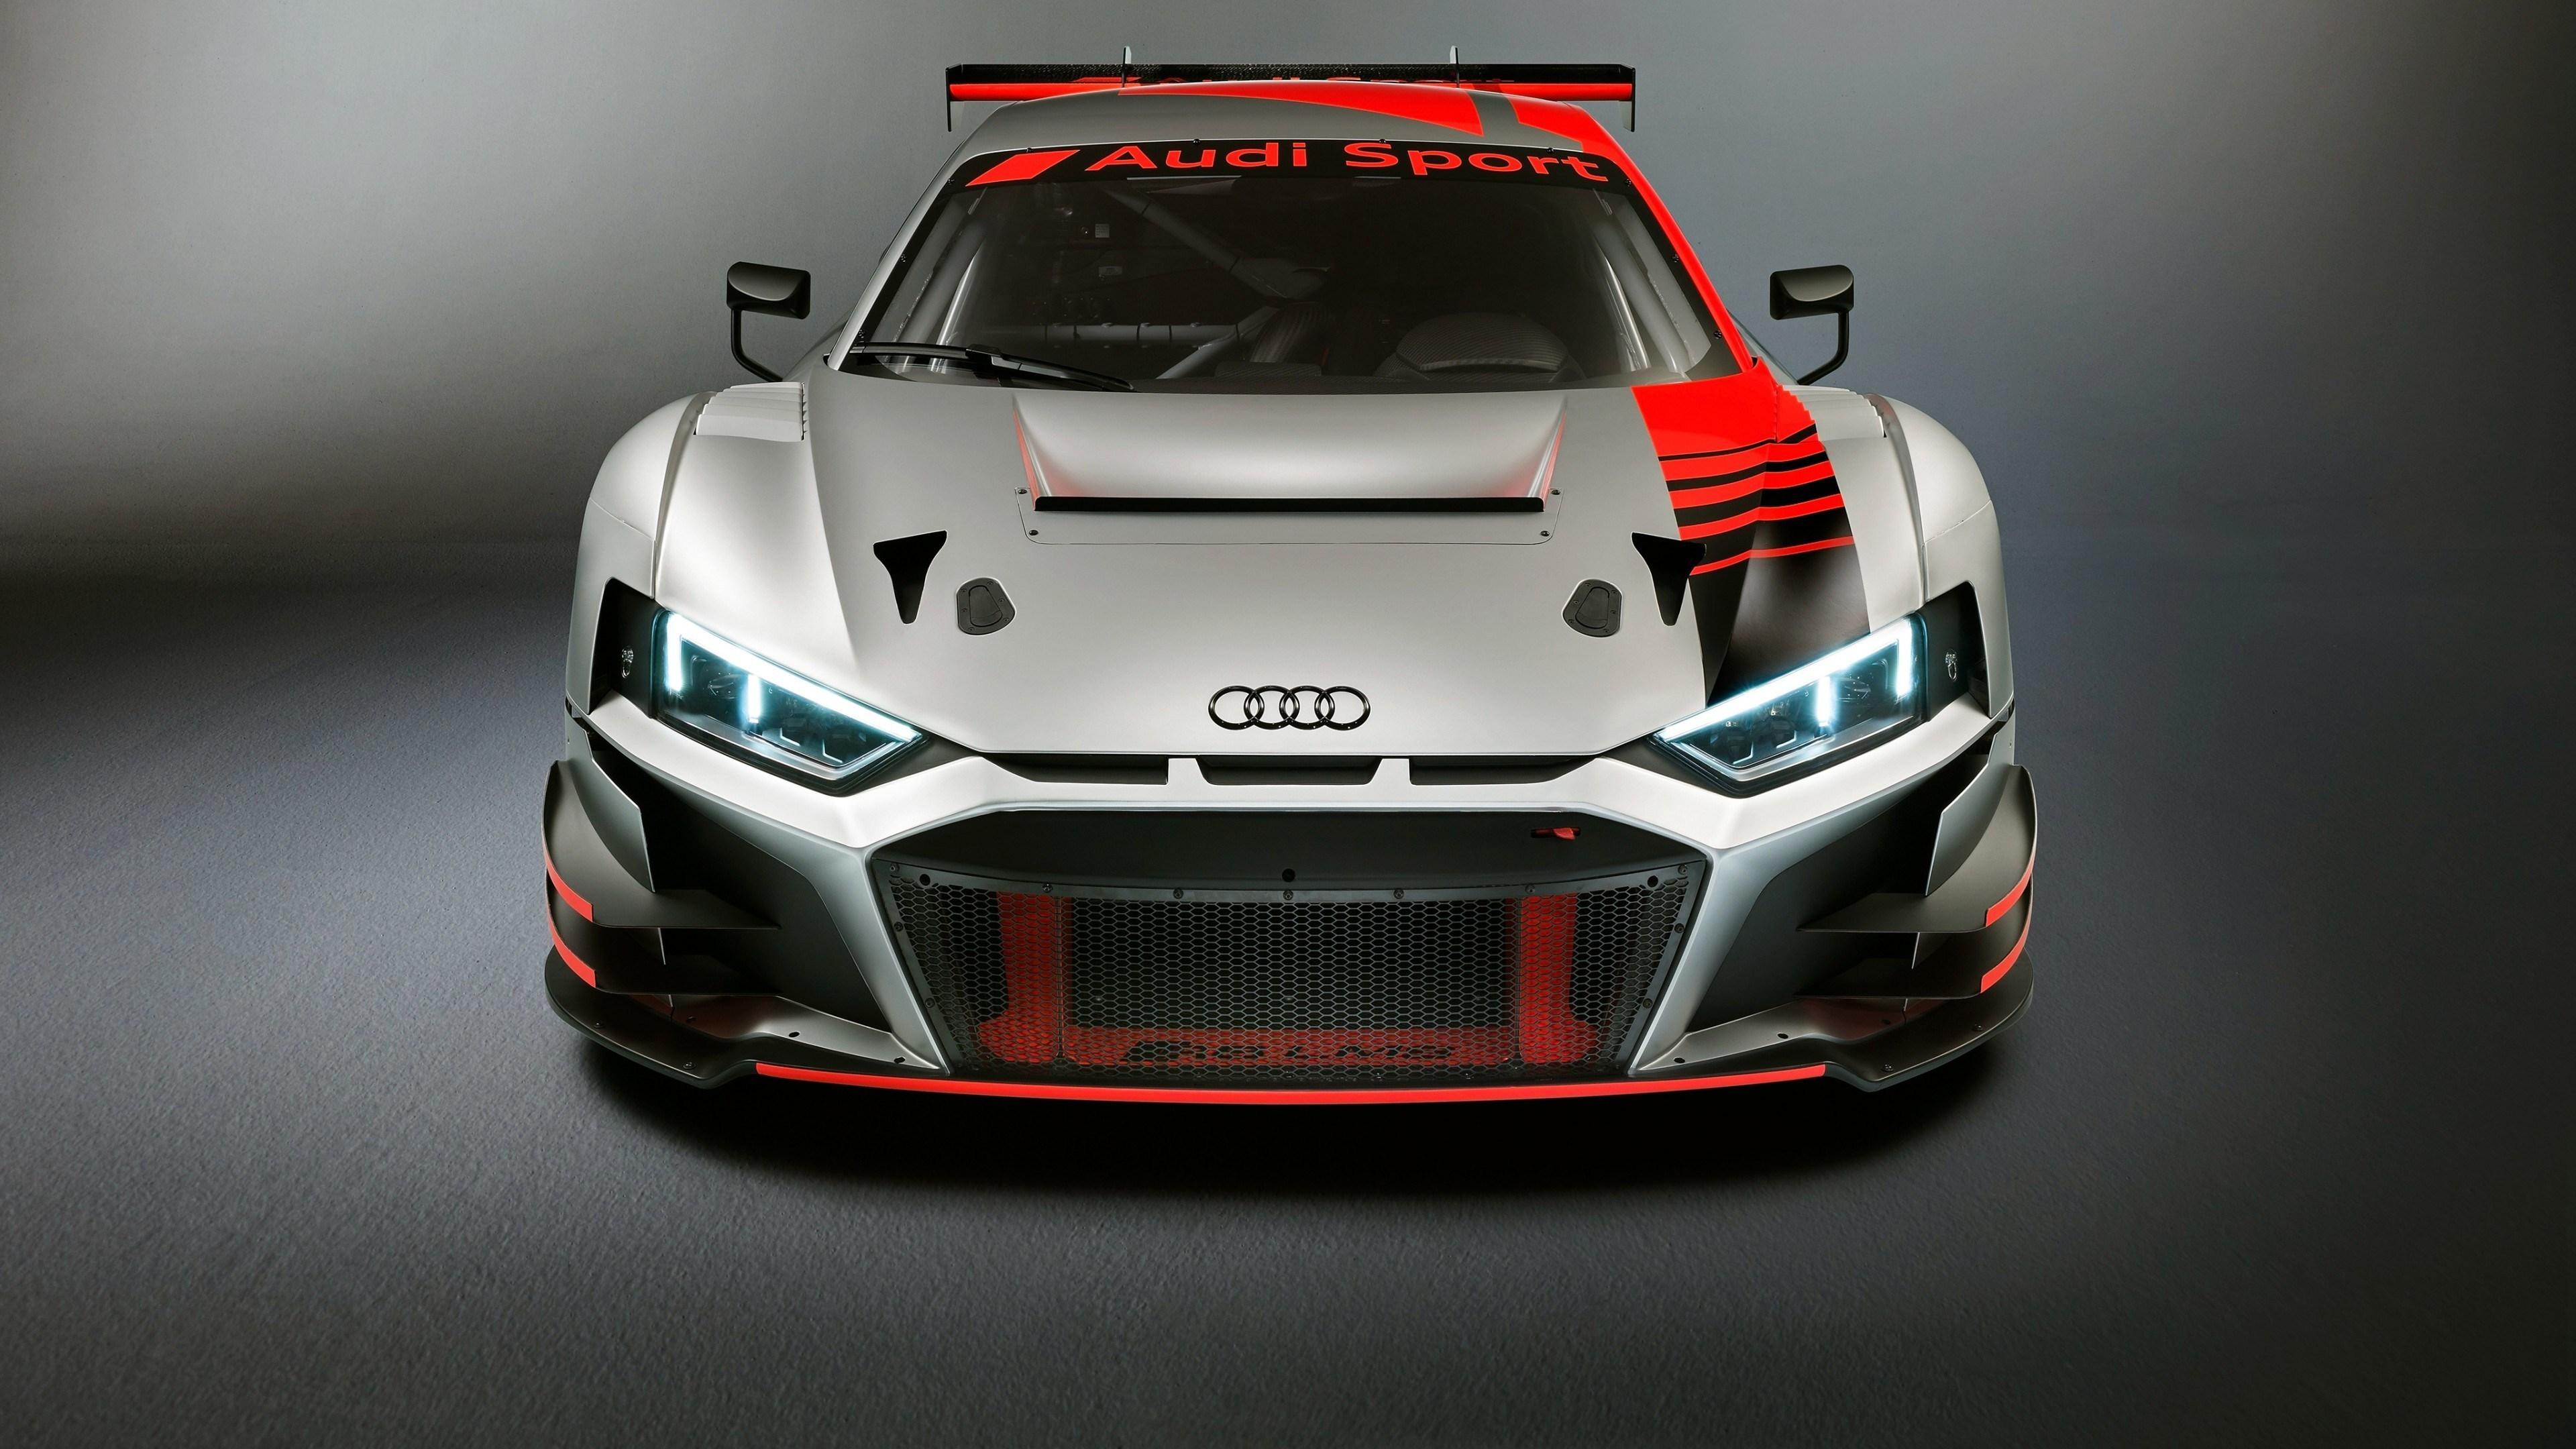 Audi R8 Lms Gt3 2019 4k Wallpapers Hd Id 26168 Wallpaper